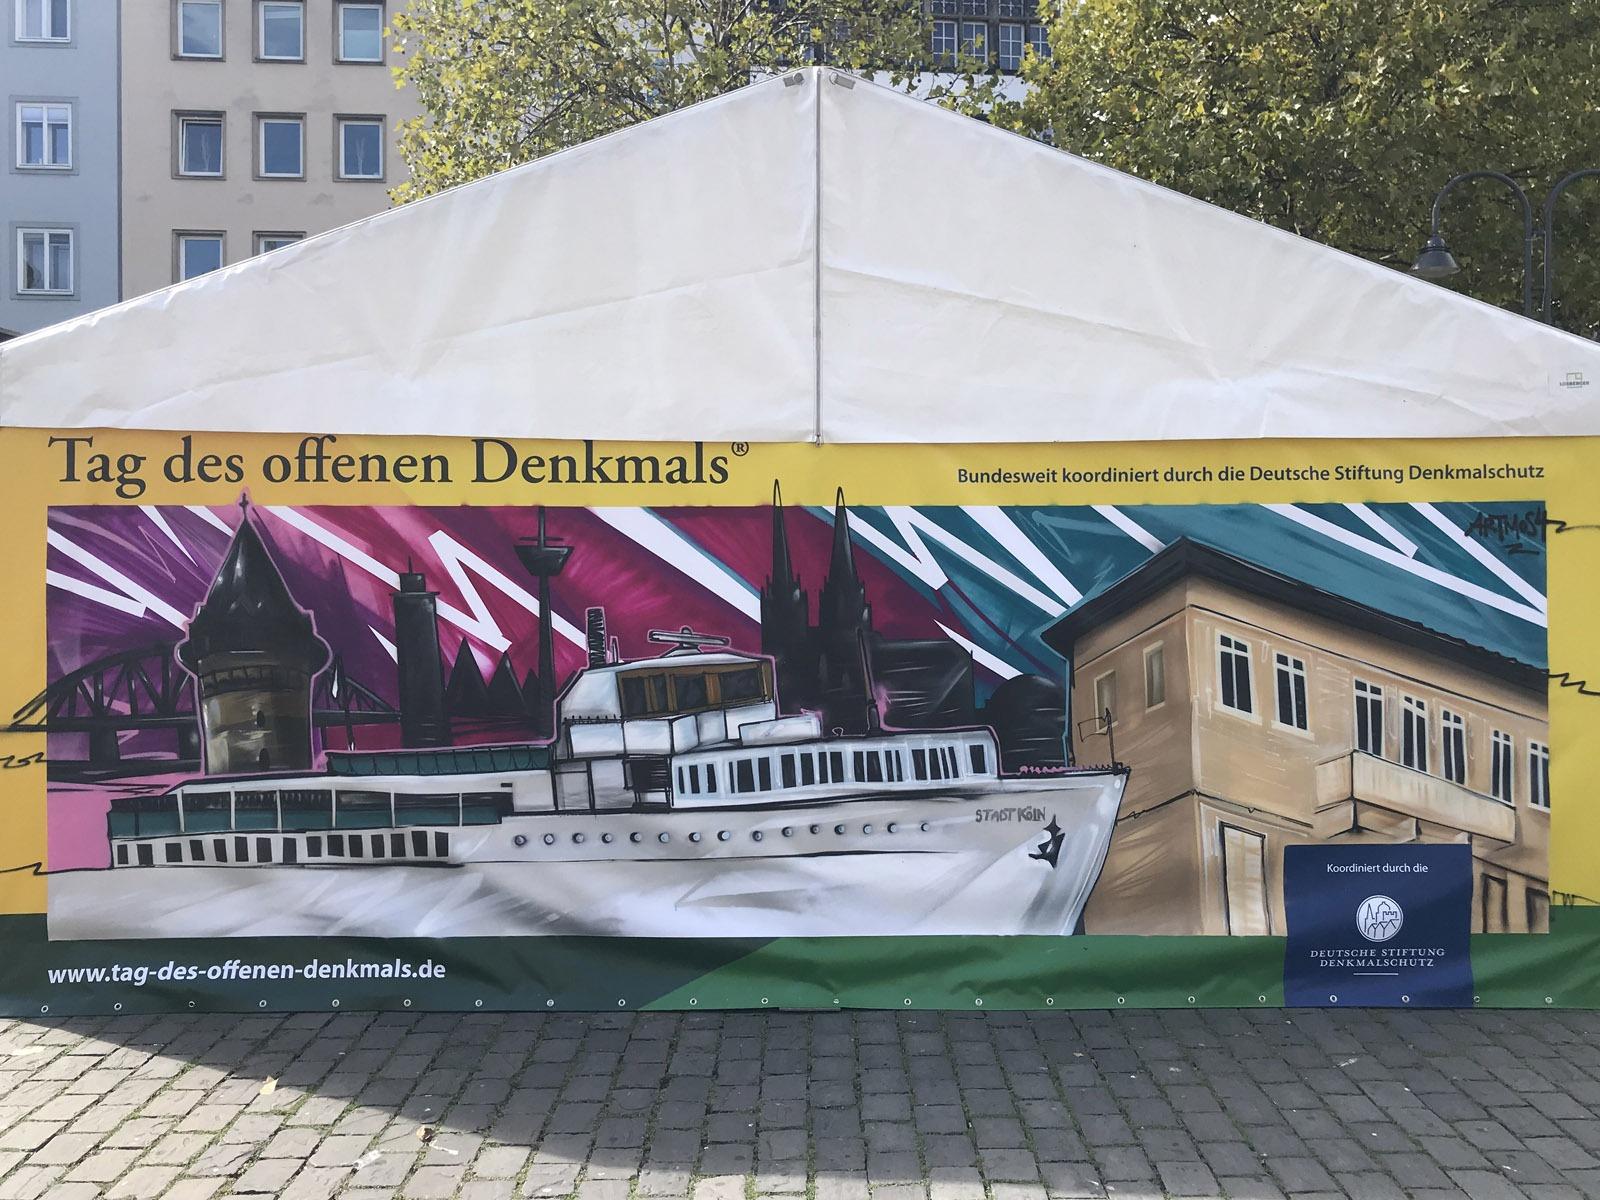 graffitiauftrag_graffitikuenstler_artmos4_Tag_des_Denkmals_Köln_beeffective_2018_trashig_schiff_skyline_bunt